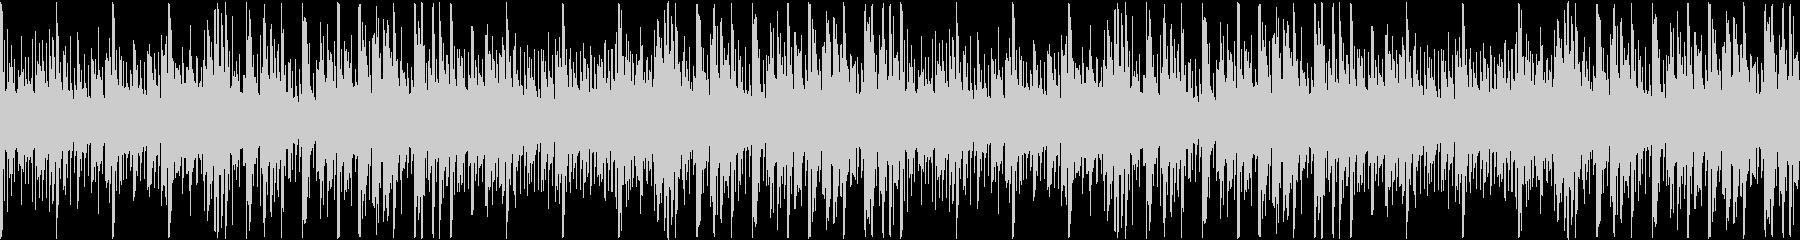 宇宙的なほのぼのエレクトロ サウンドロゴの未再生の波形